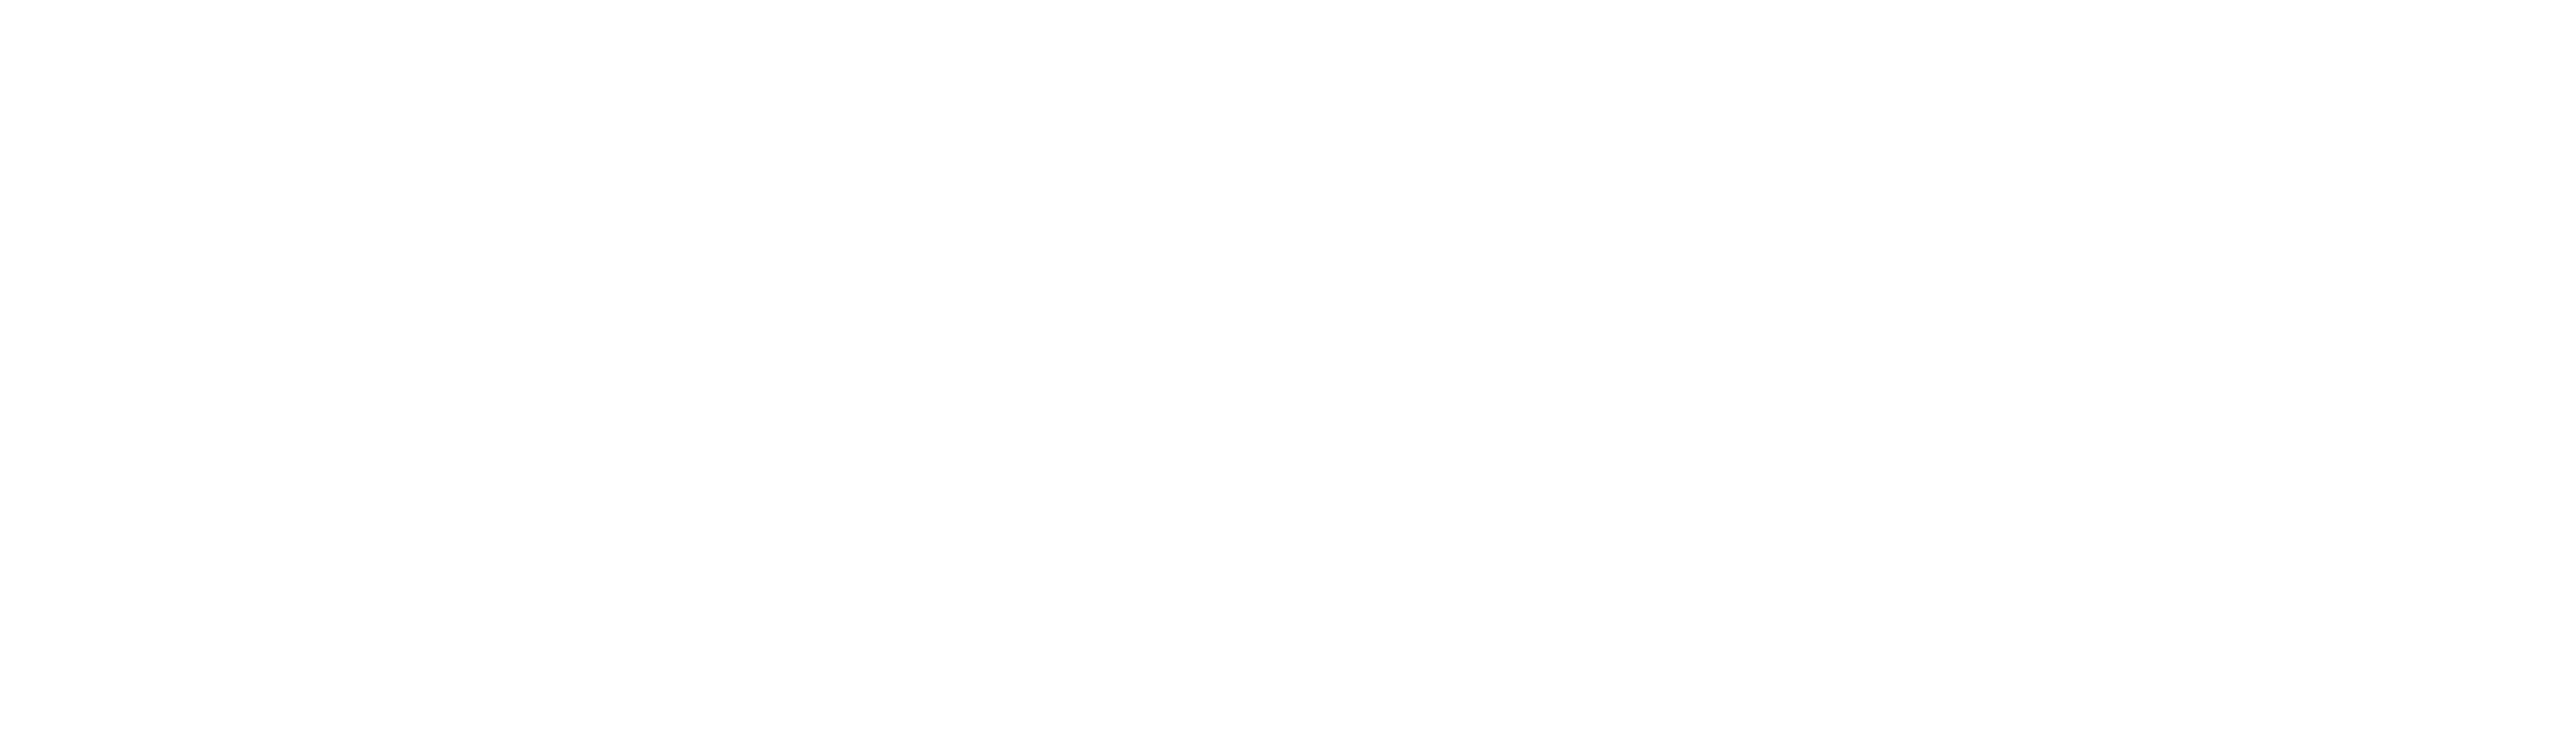 SIA 3 - White